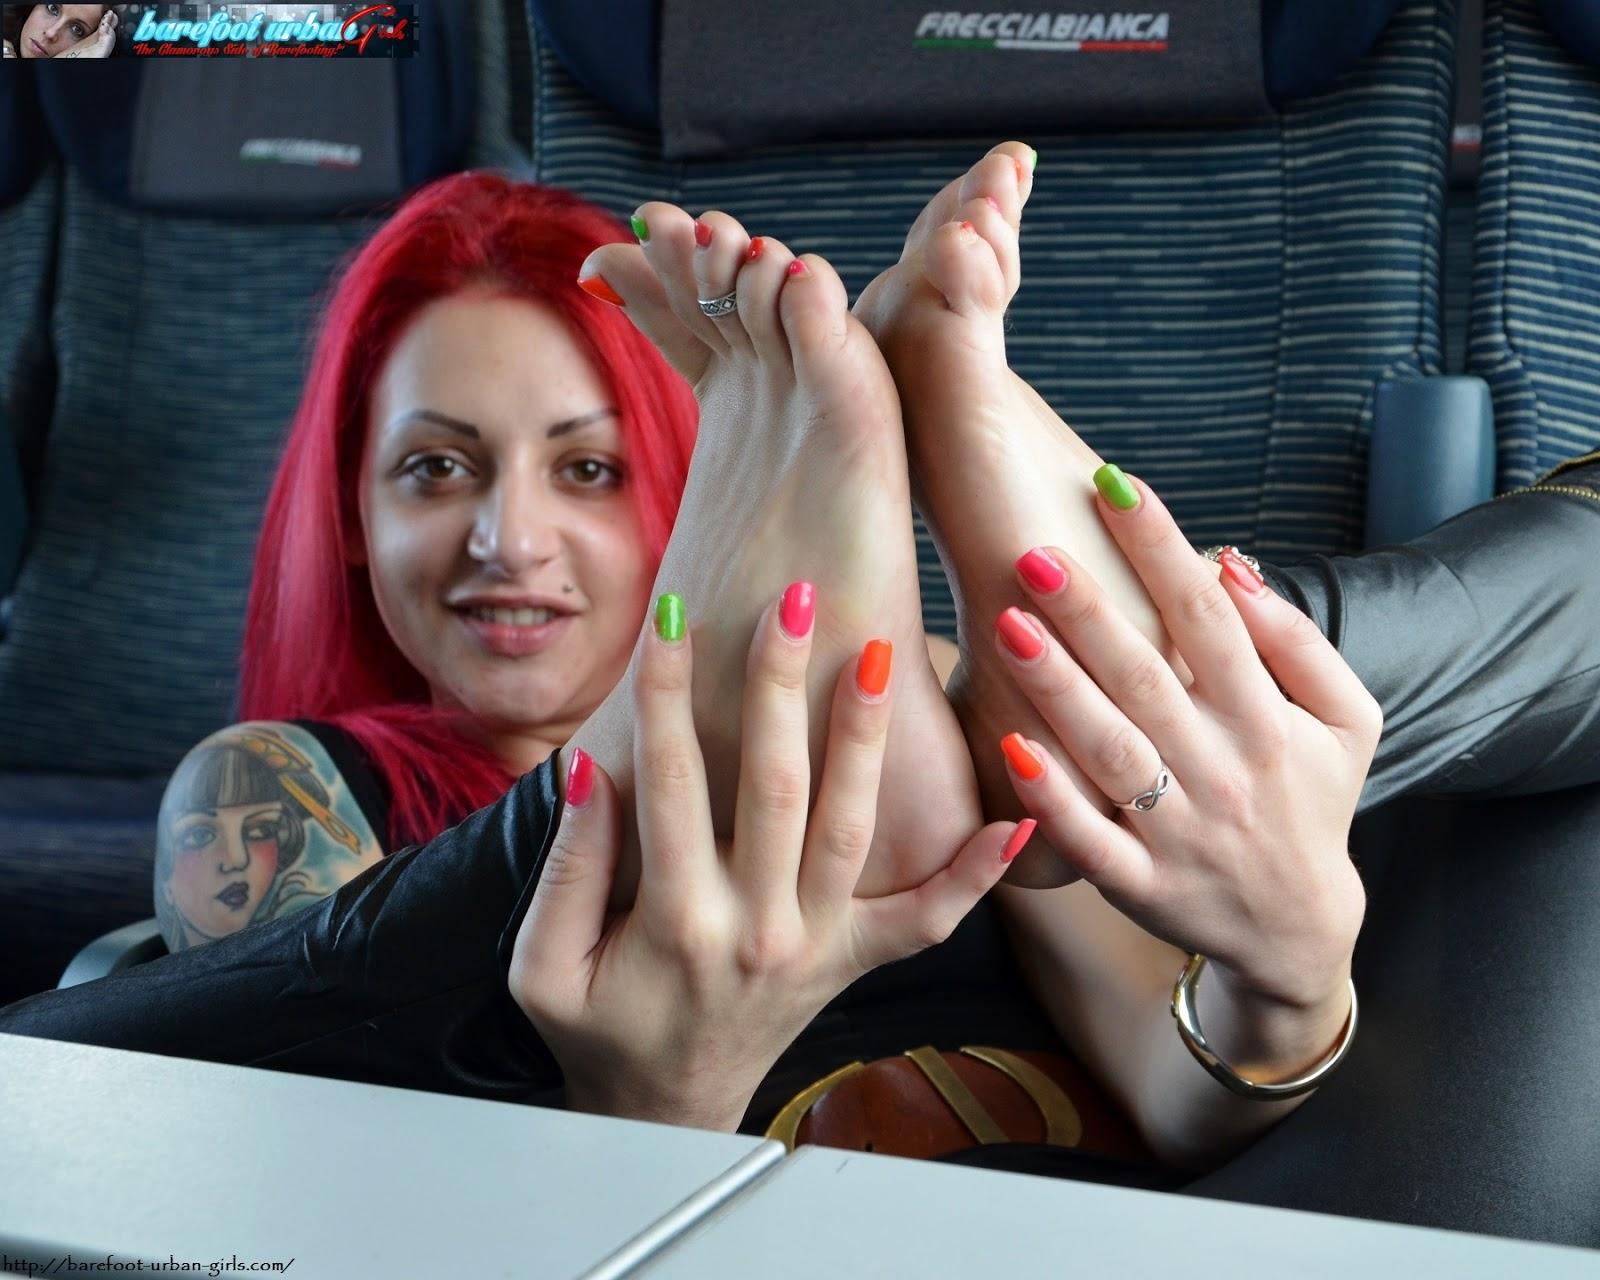 Beautiful italian women nude having sex